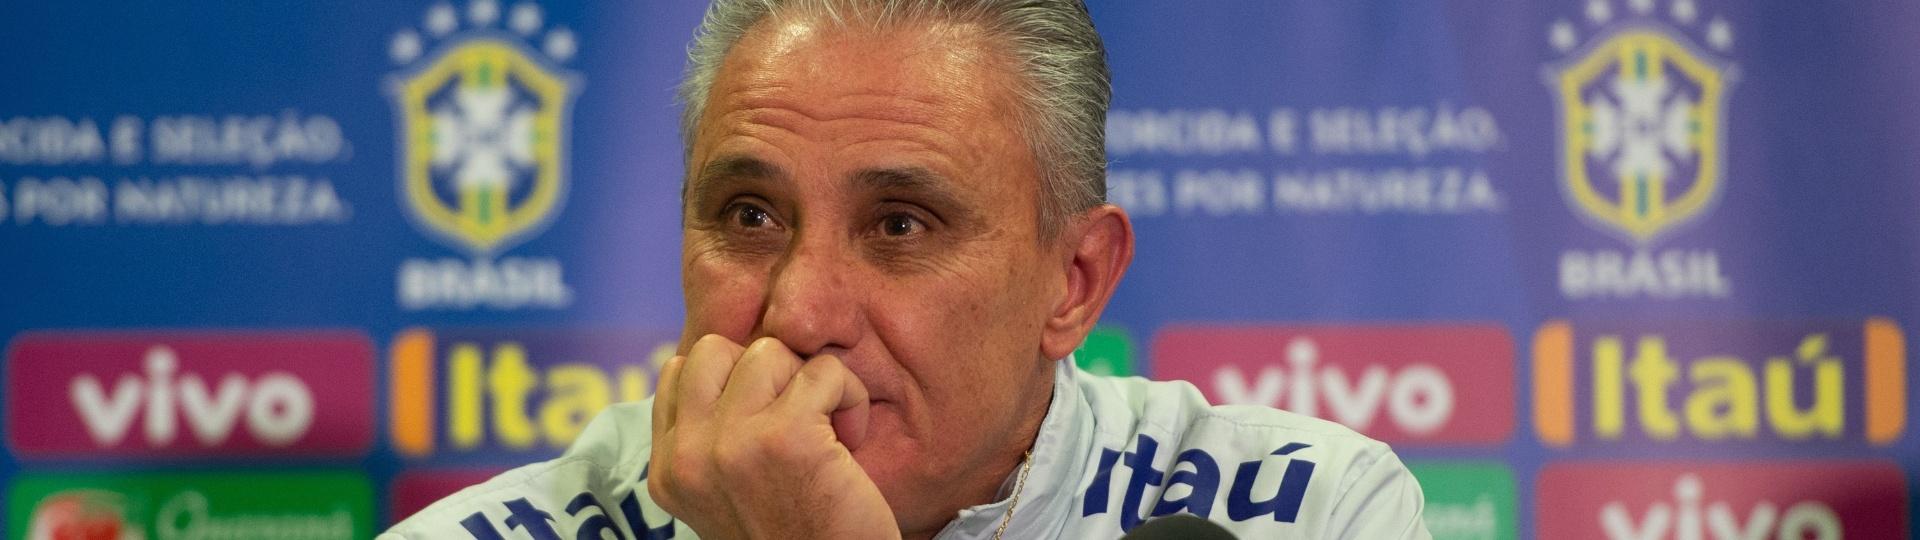 Tite, técnico da seleção brasileira, durante entrevista coletiva